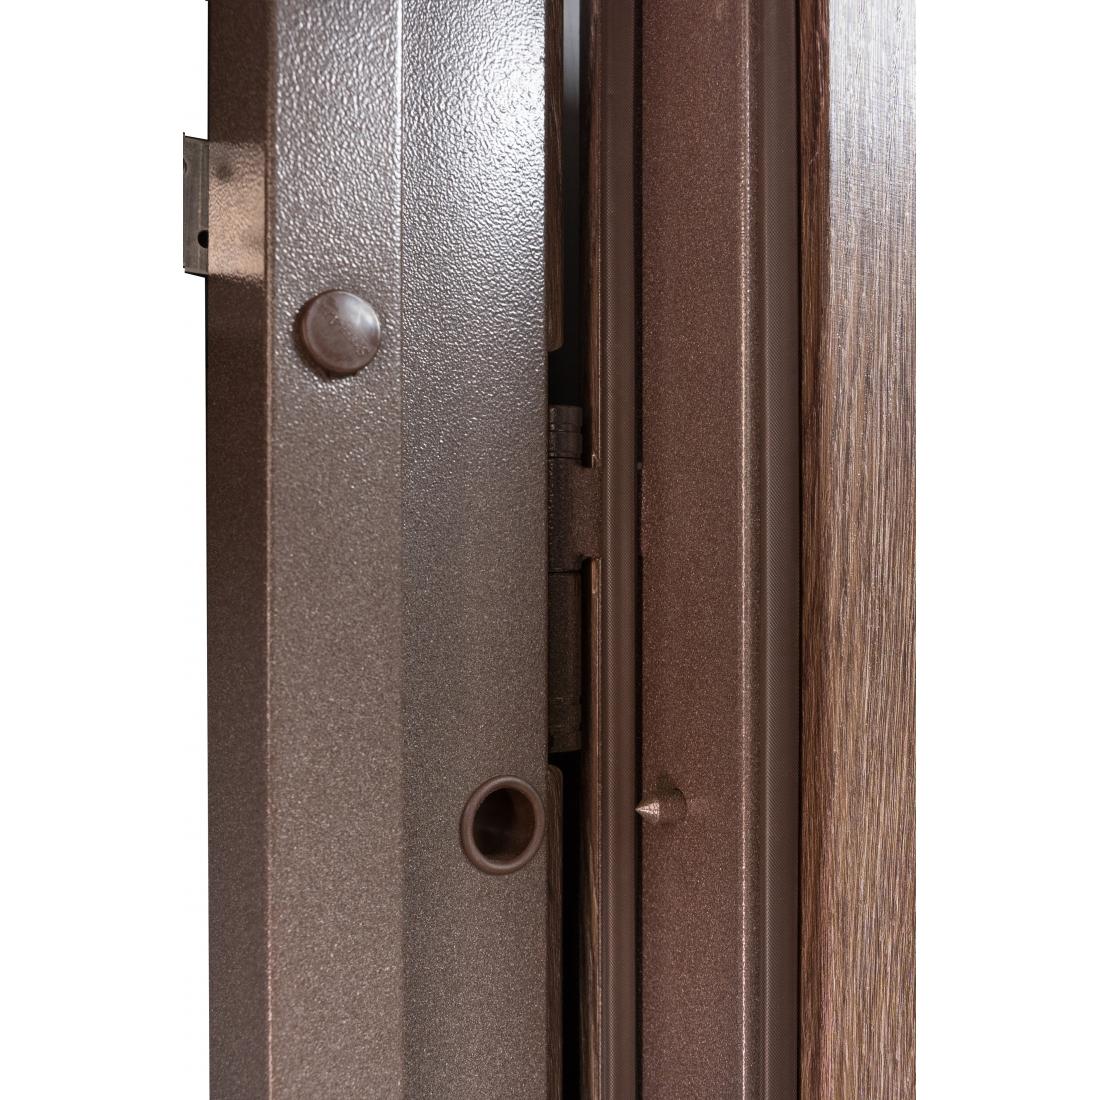 Купить входную дверь Корица (серия «ВИП+»)